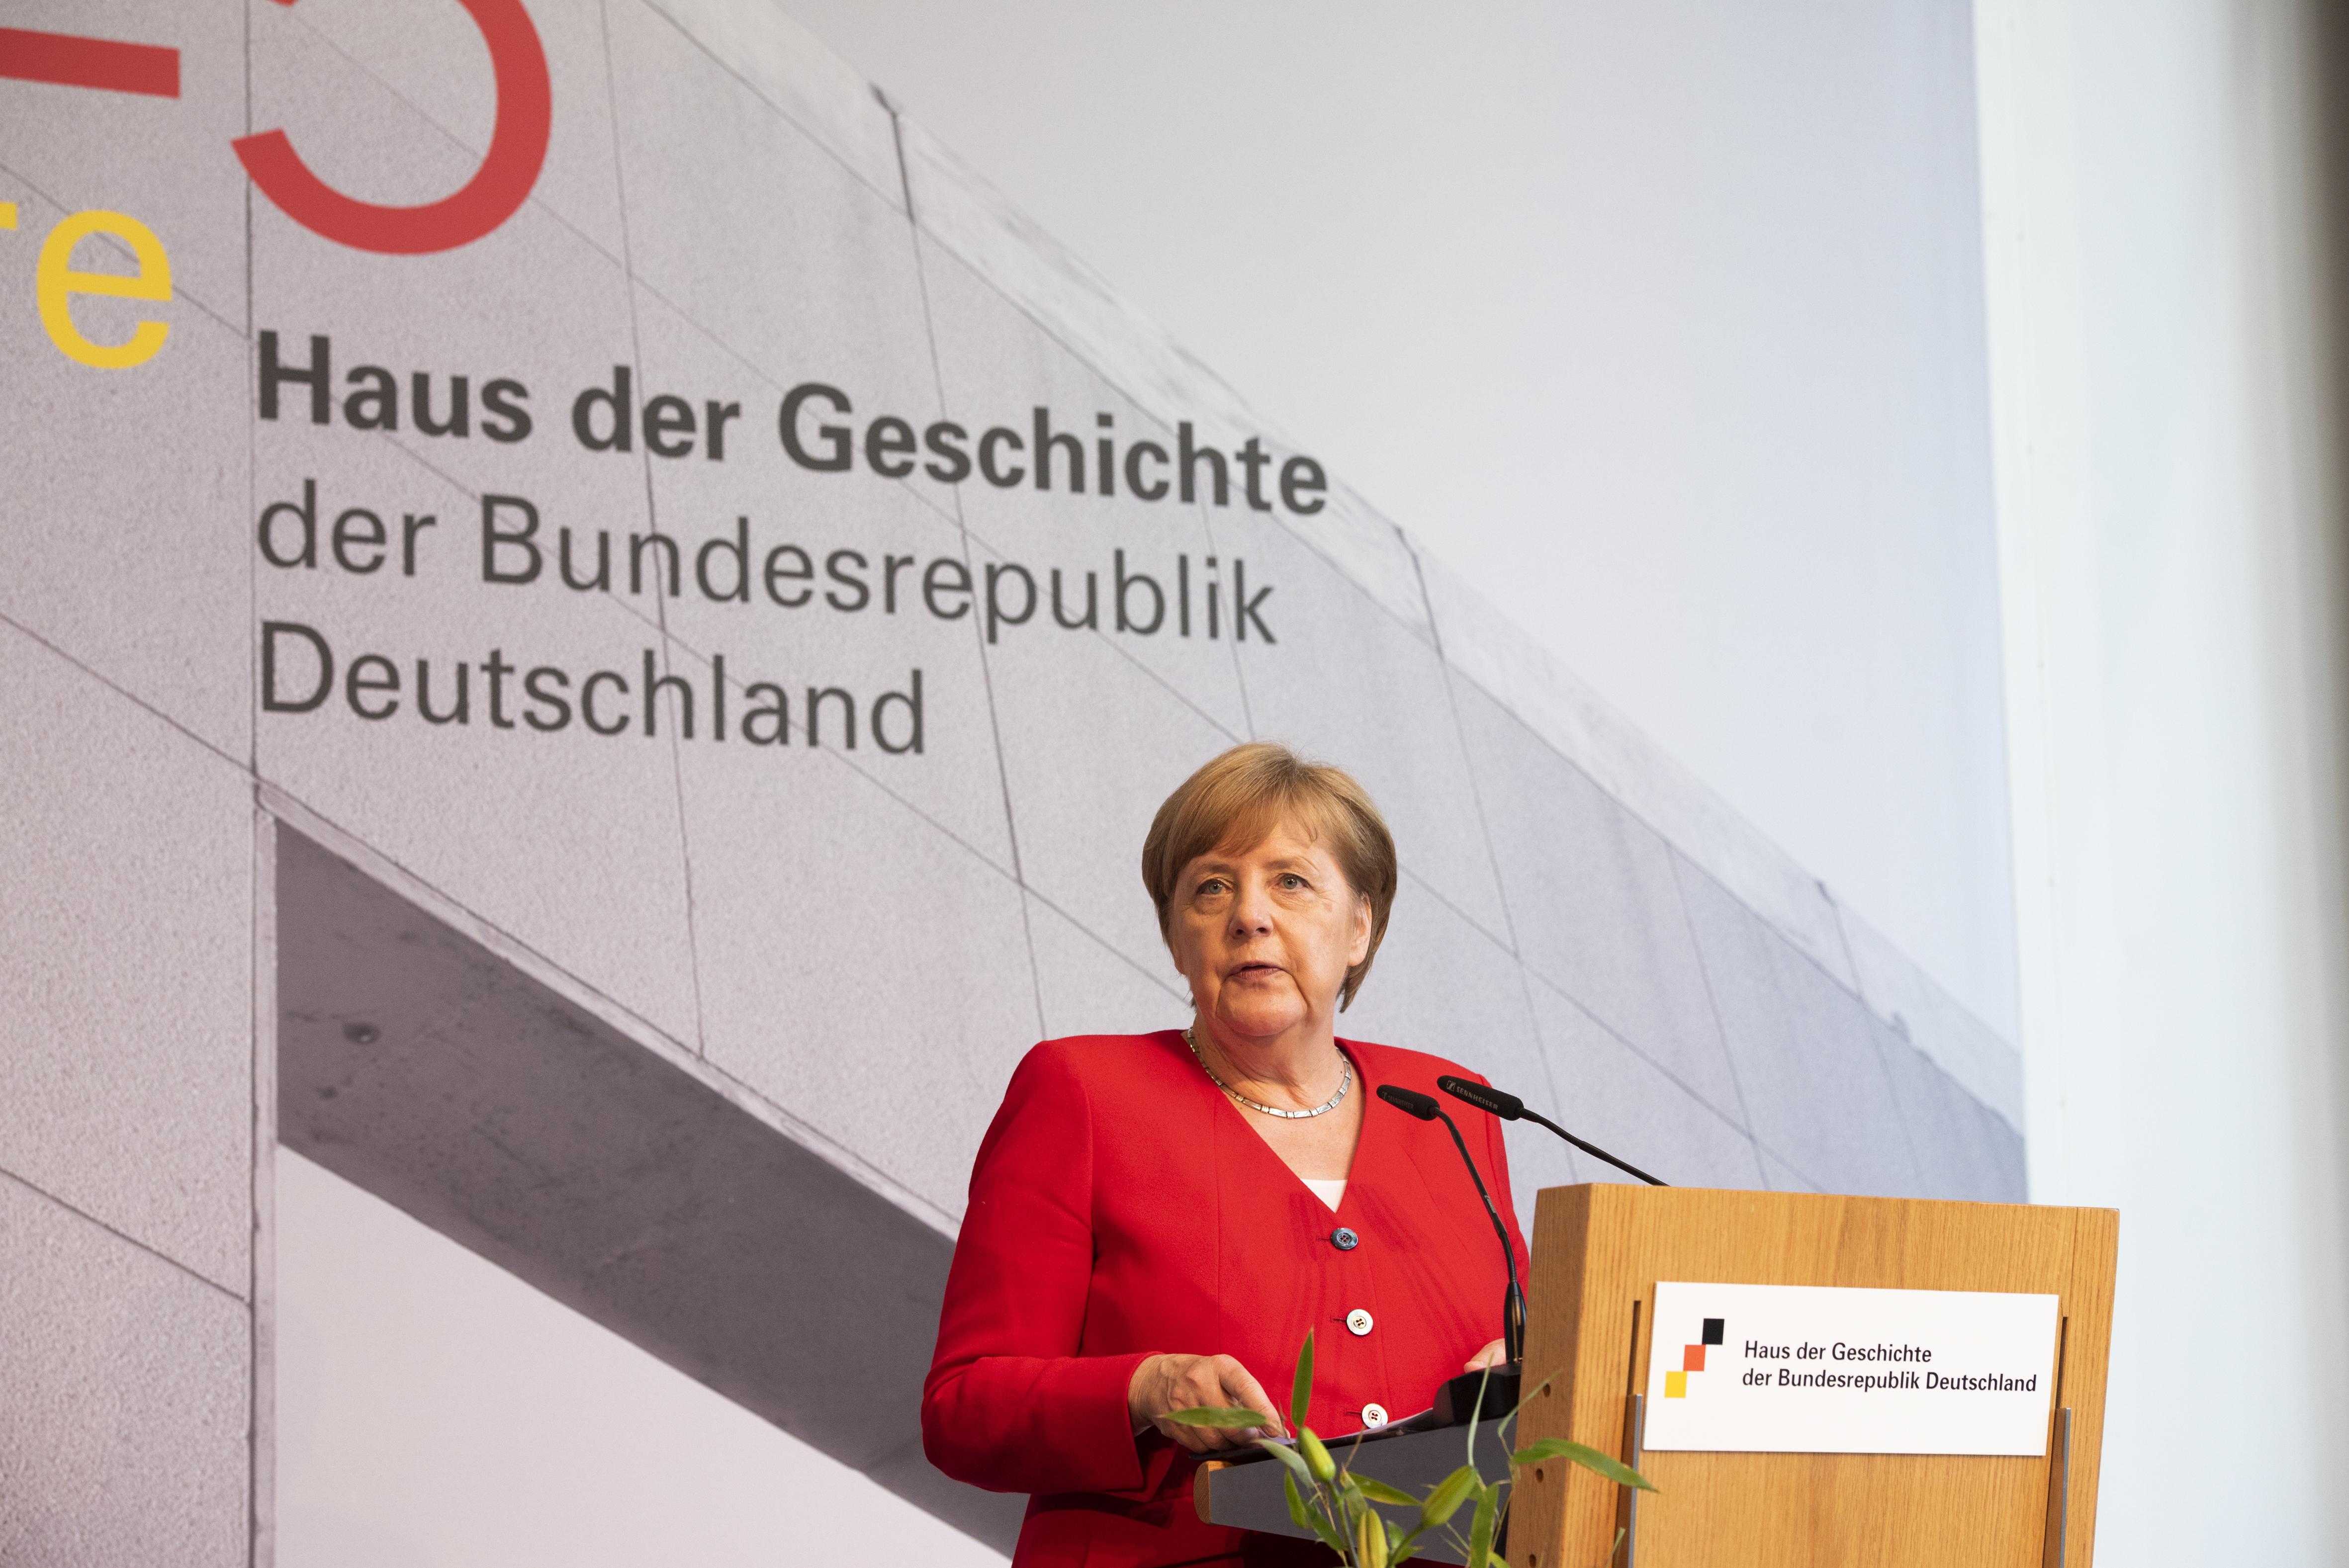 Dr. Angela Merkel, Bundeskanzlerin